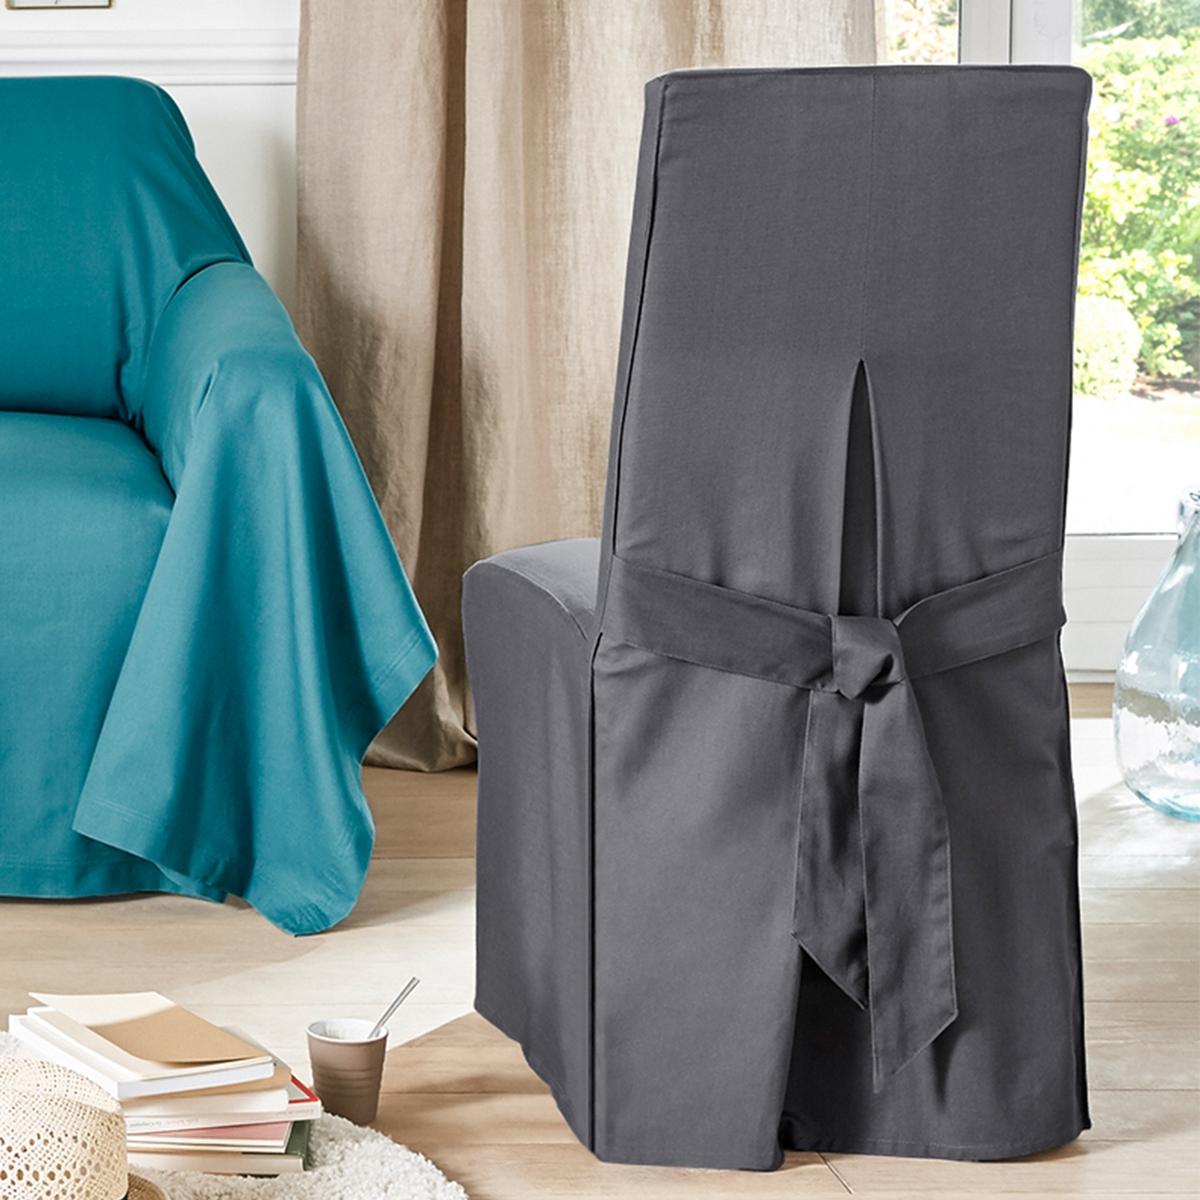 2 чехла для стулаСтильная модель выполнена в ультрасовременной цветовой гамме.Характеристика чехла для стула:- Красивая плотная ткань из 100% хлопка (220 г/м?), прочная и тяжелая. Стильная цветовая гамма.- Изысканная отделка: 2 встречные складки спереди, встречная складка и бант сзади. Качественная окраска: превосходная стойкость цвета перед воздействием солнечных лучей и стирки (40°).Размеры чехла для стула:- Спинка: общая высота 55 см, толщина 5 см, ширина 37 см.- Сидение: ширина от 37 до 45 см x глубина 40 см.- Юбка: высота 45 см.В комплекте 2 чехла одного цвета.Качество VALEUR SURE. Производство осуществляется с учетом стандартов по защите окружающей среды и здоровья человека, что подтверждено сертификатом Oeko-tex®.<br><br>Цвет: белый,медовый,серо-коричневый,серый жемчужный,сине-зеленый,синий индиго,сливовый,темно-серый,черный,экрю<br>Размер: единый размер.единый размер.единый размер.единый размер